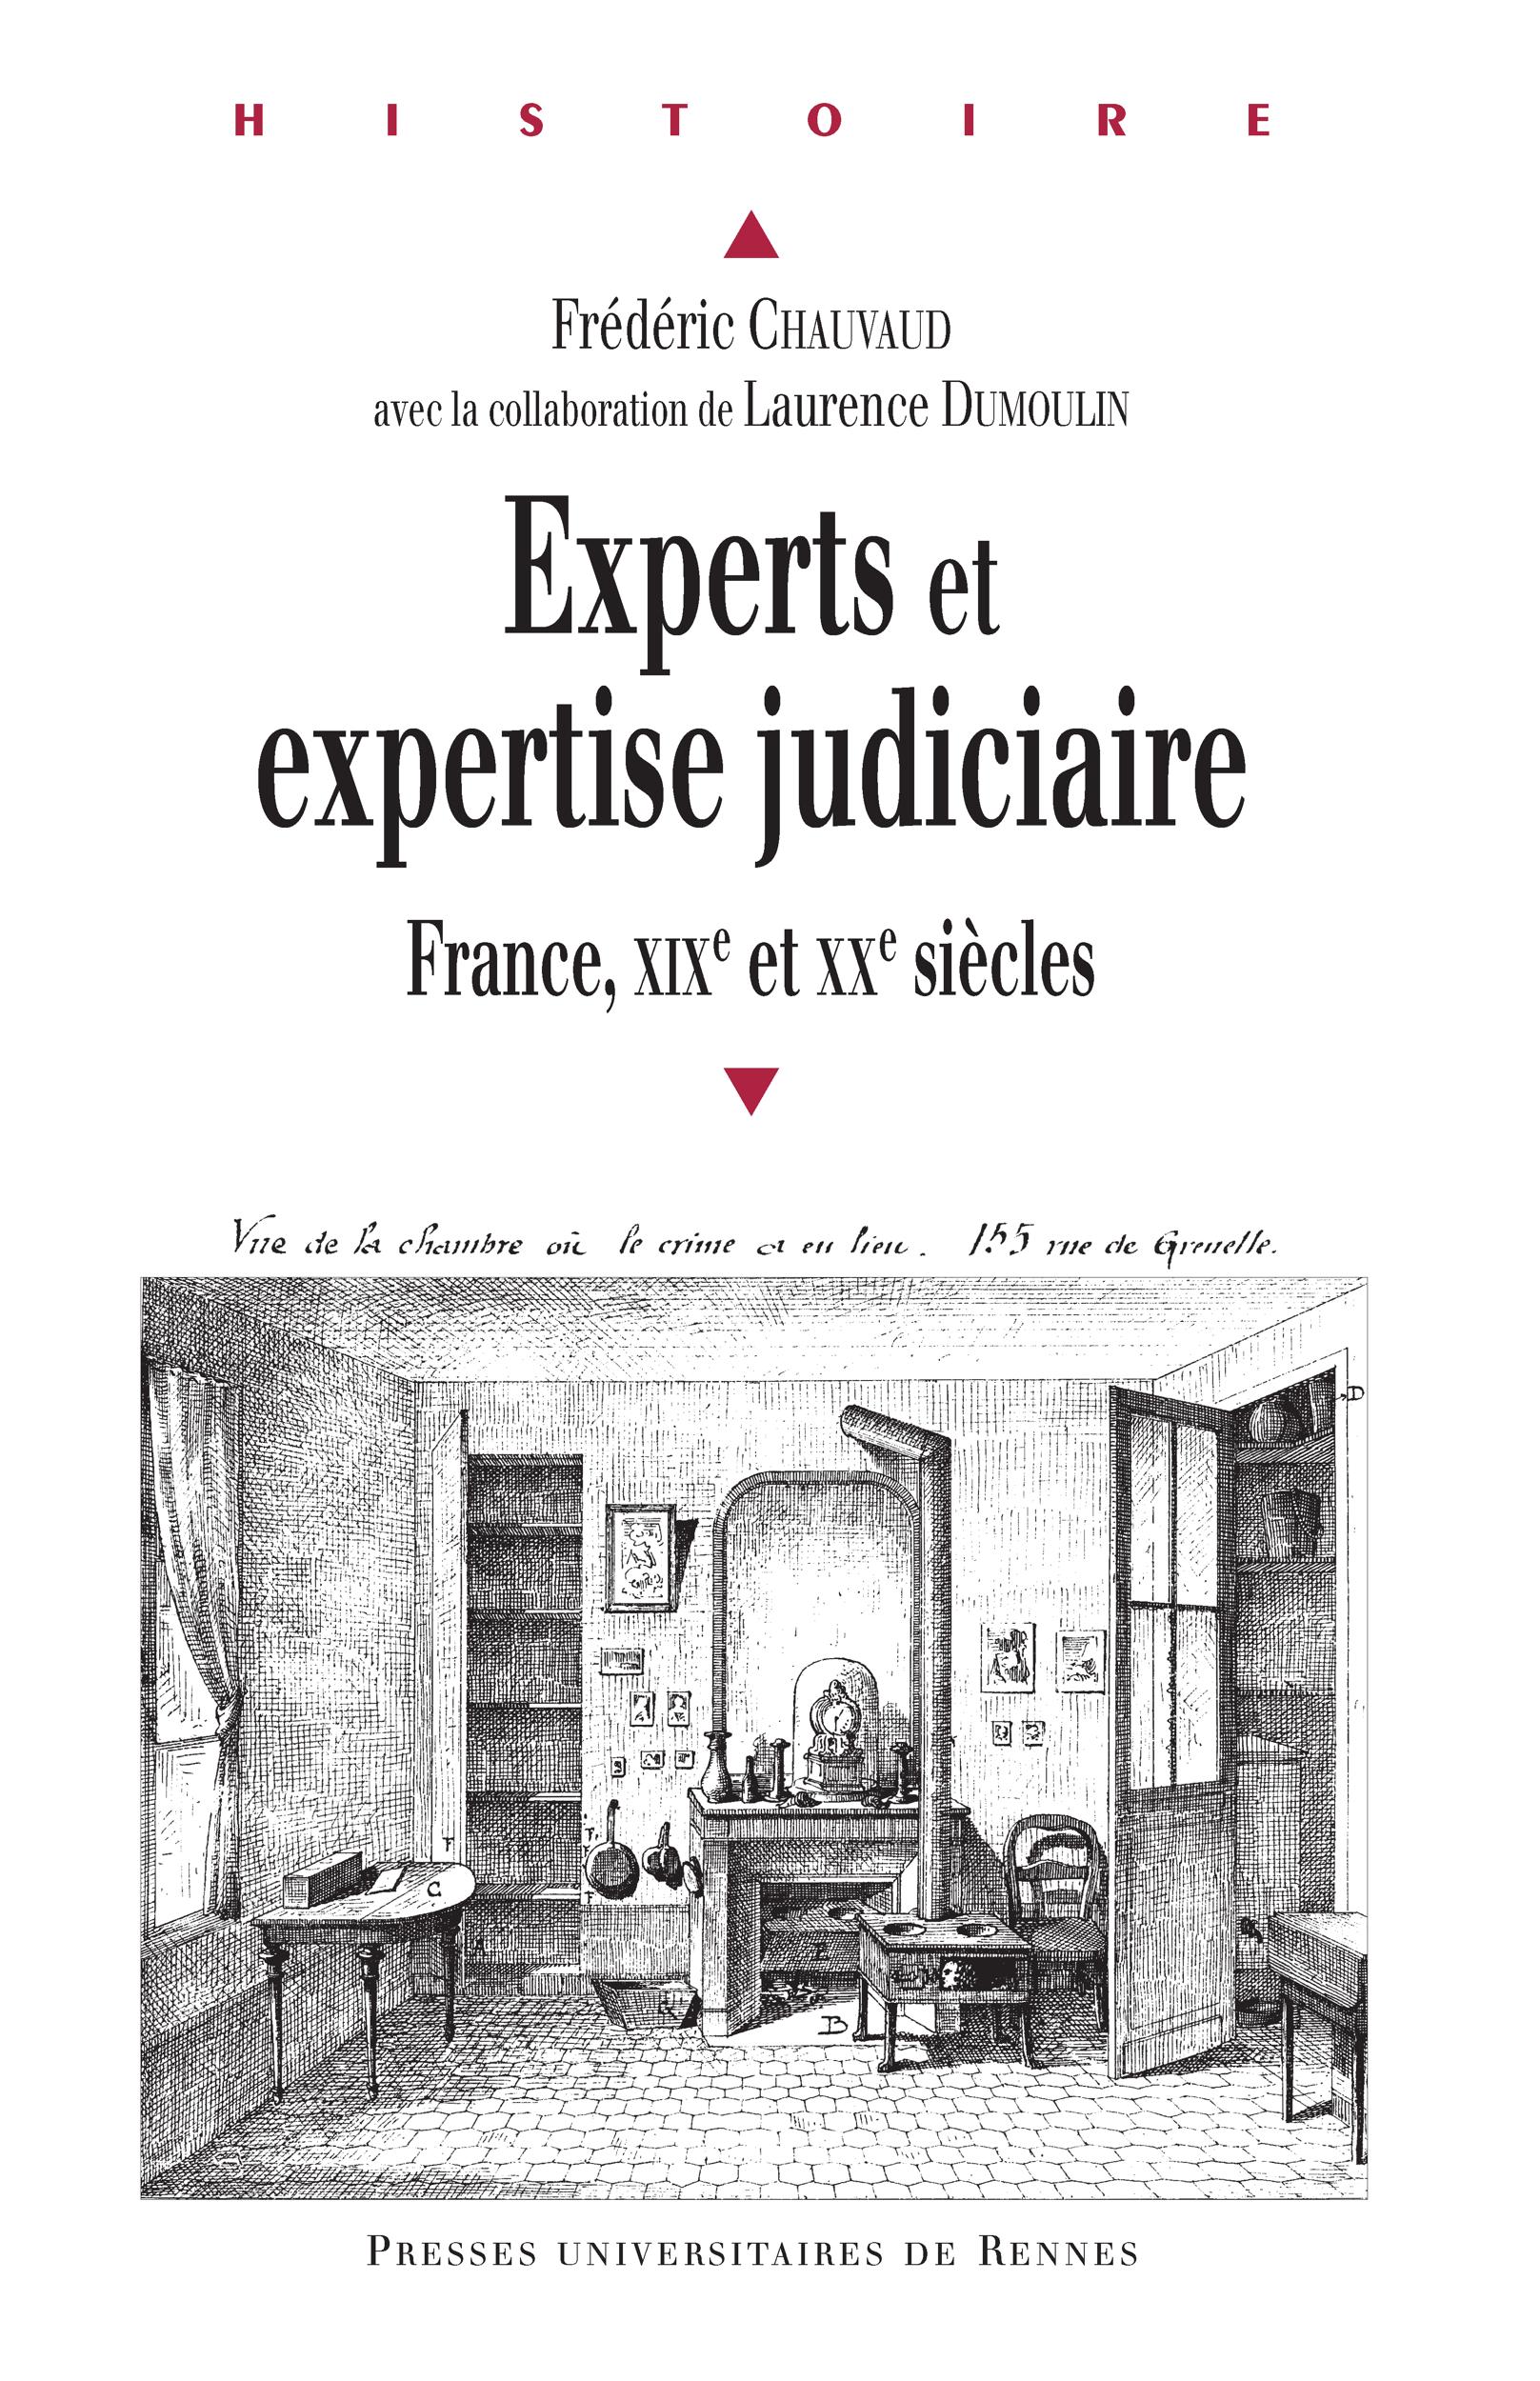 Experts et expertise judiciaire. France, XIXe et XXe siècles - Frédéric Chauvaud